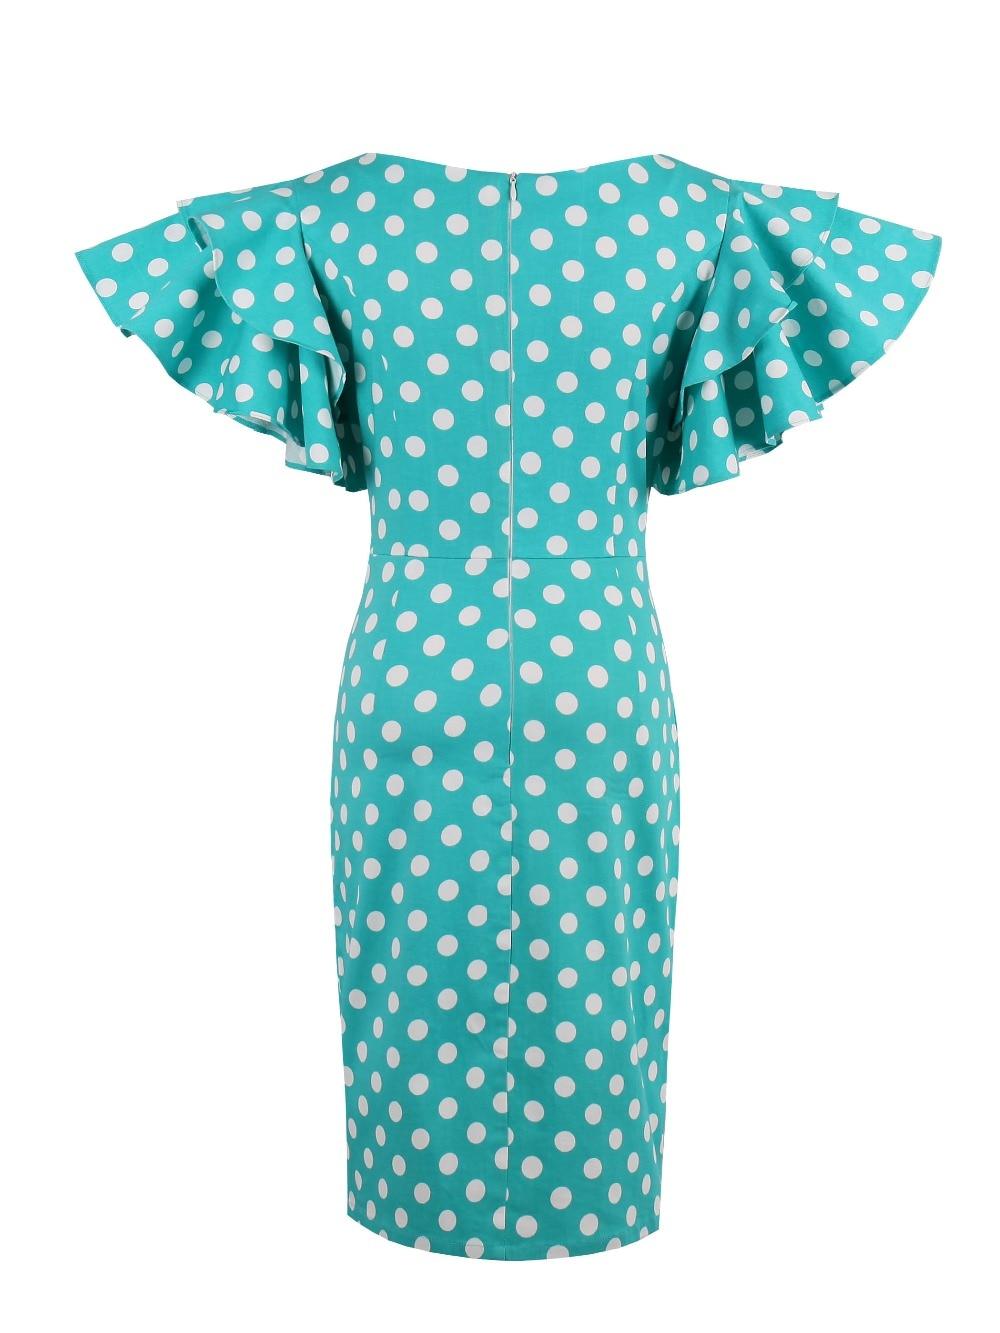 Fustanet verore të grave Sisjuly Bodycon Blu të bardha me Polka Dot - Veshje për femra - Foto 4